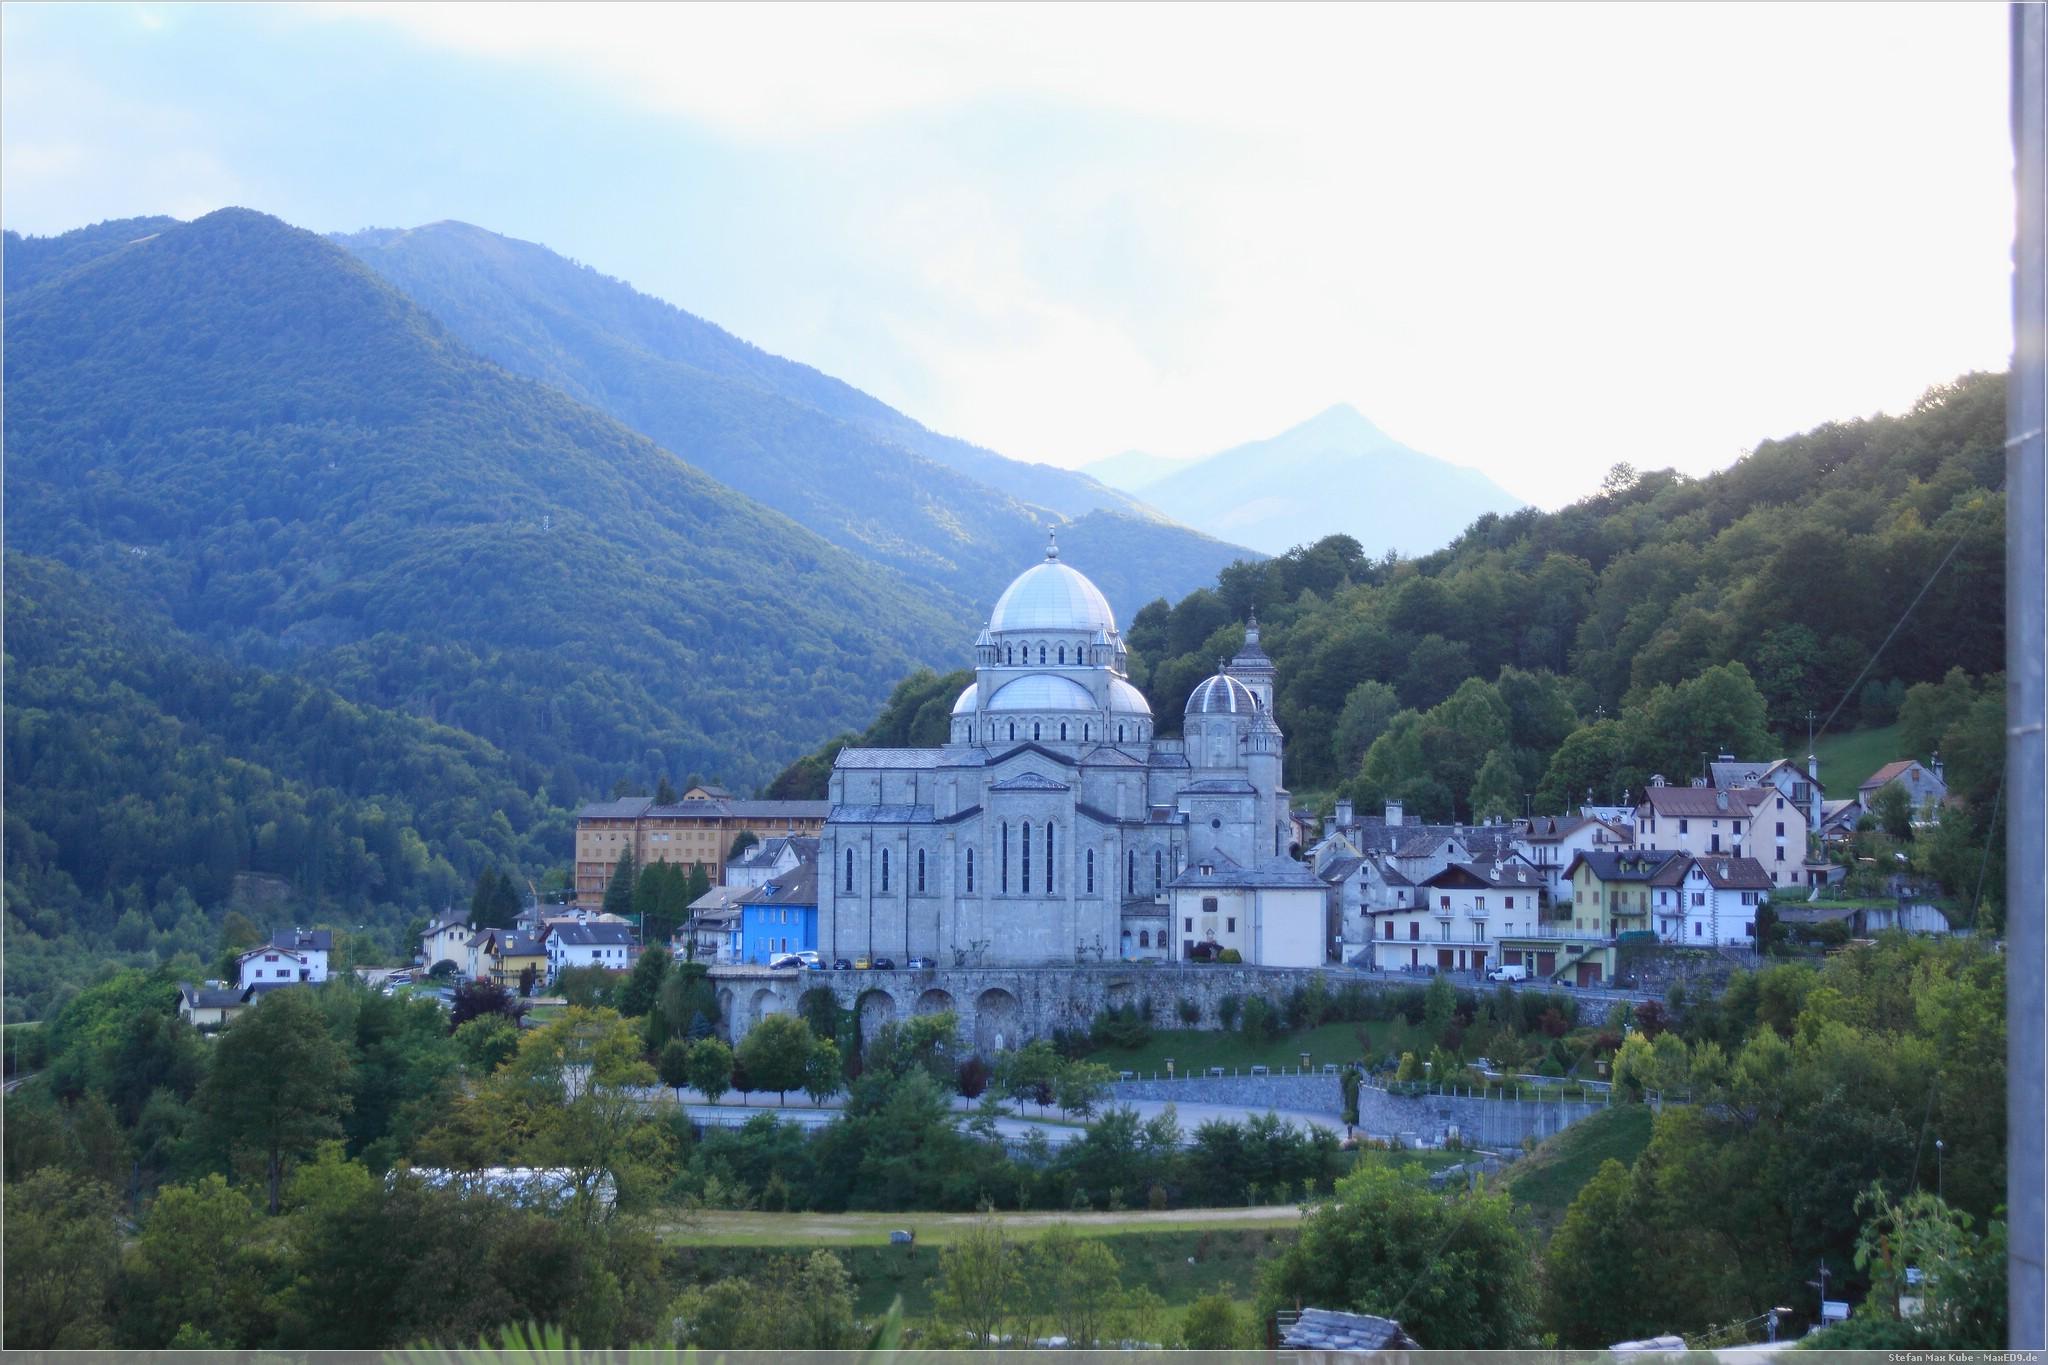 Wallfahrtskirche der Madonna del Sangue